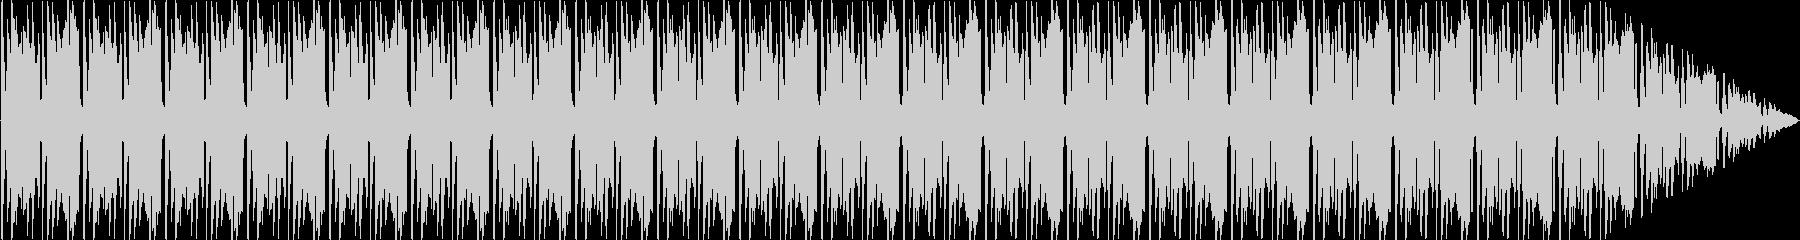 ループ。ドラムループR&Bとバリト...の未再生の波形